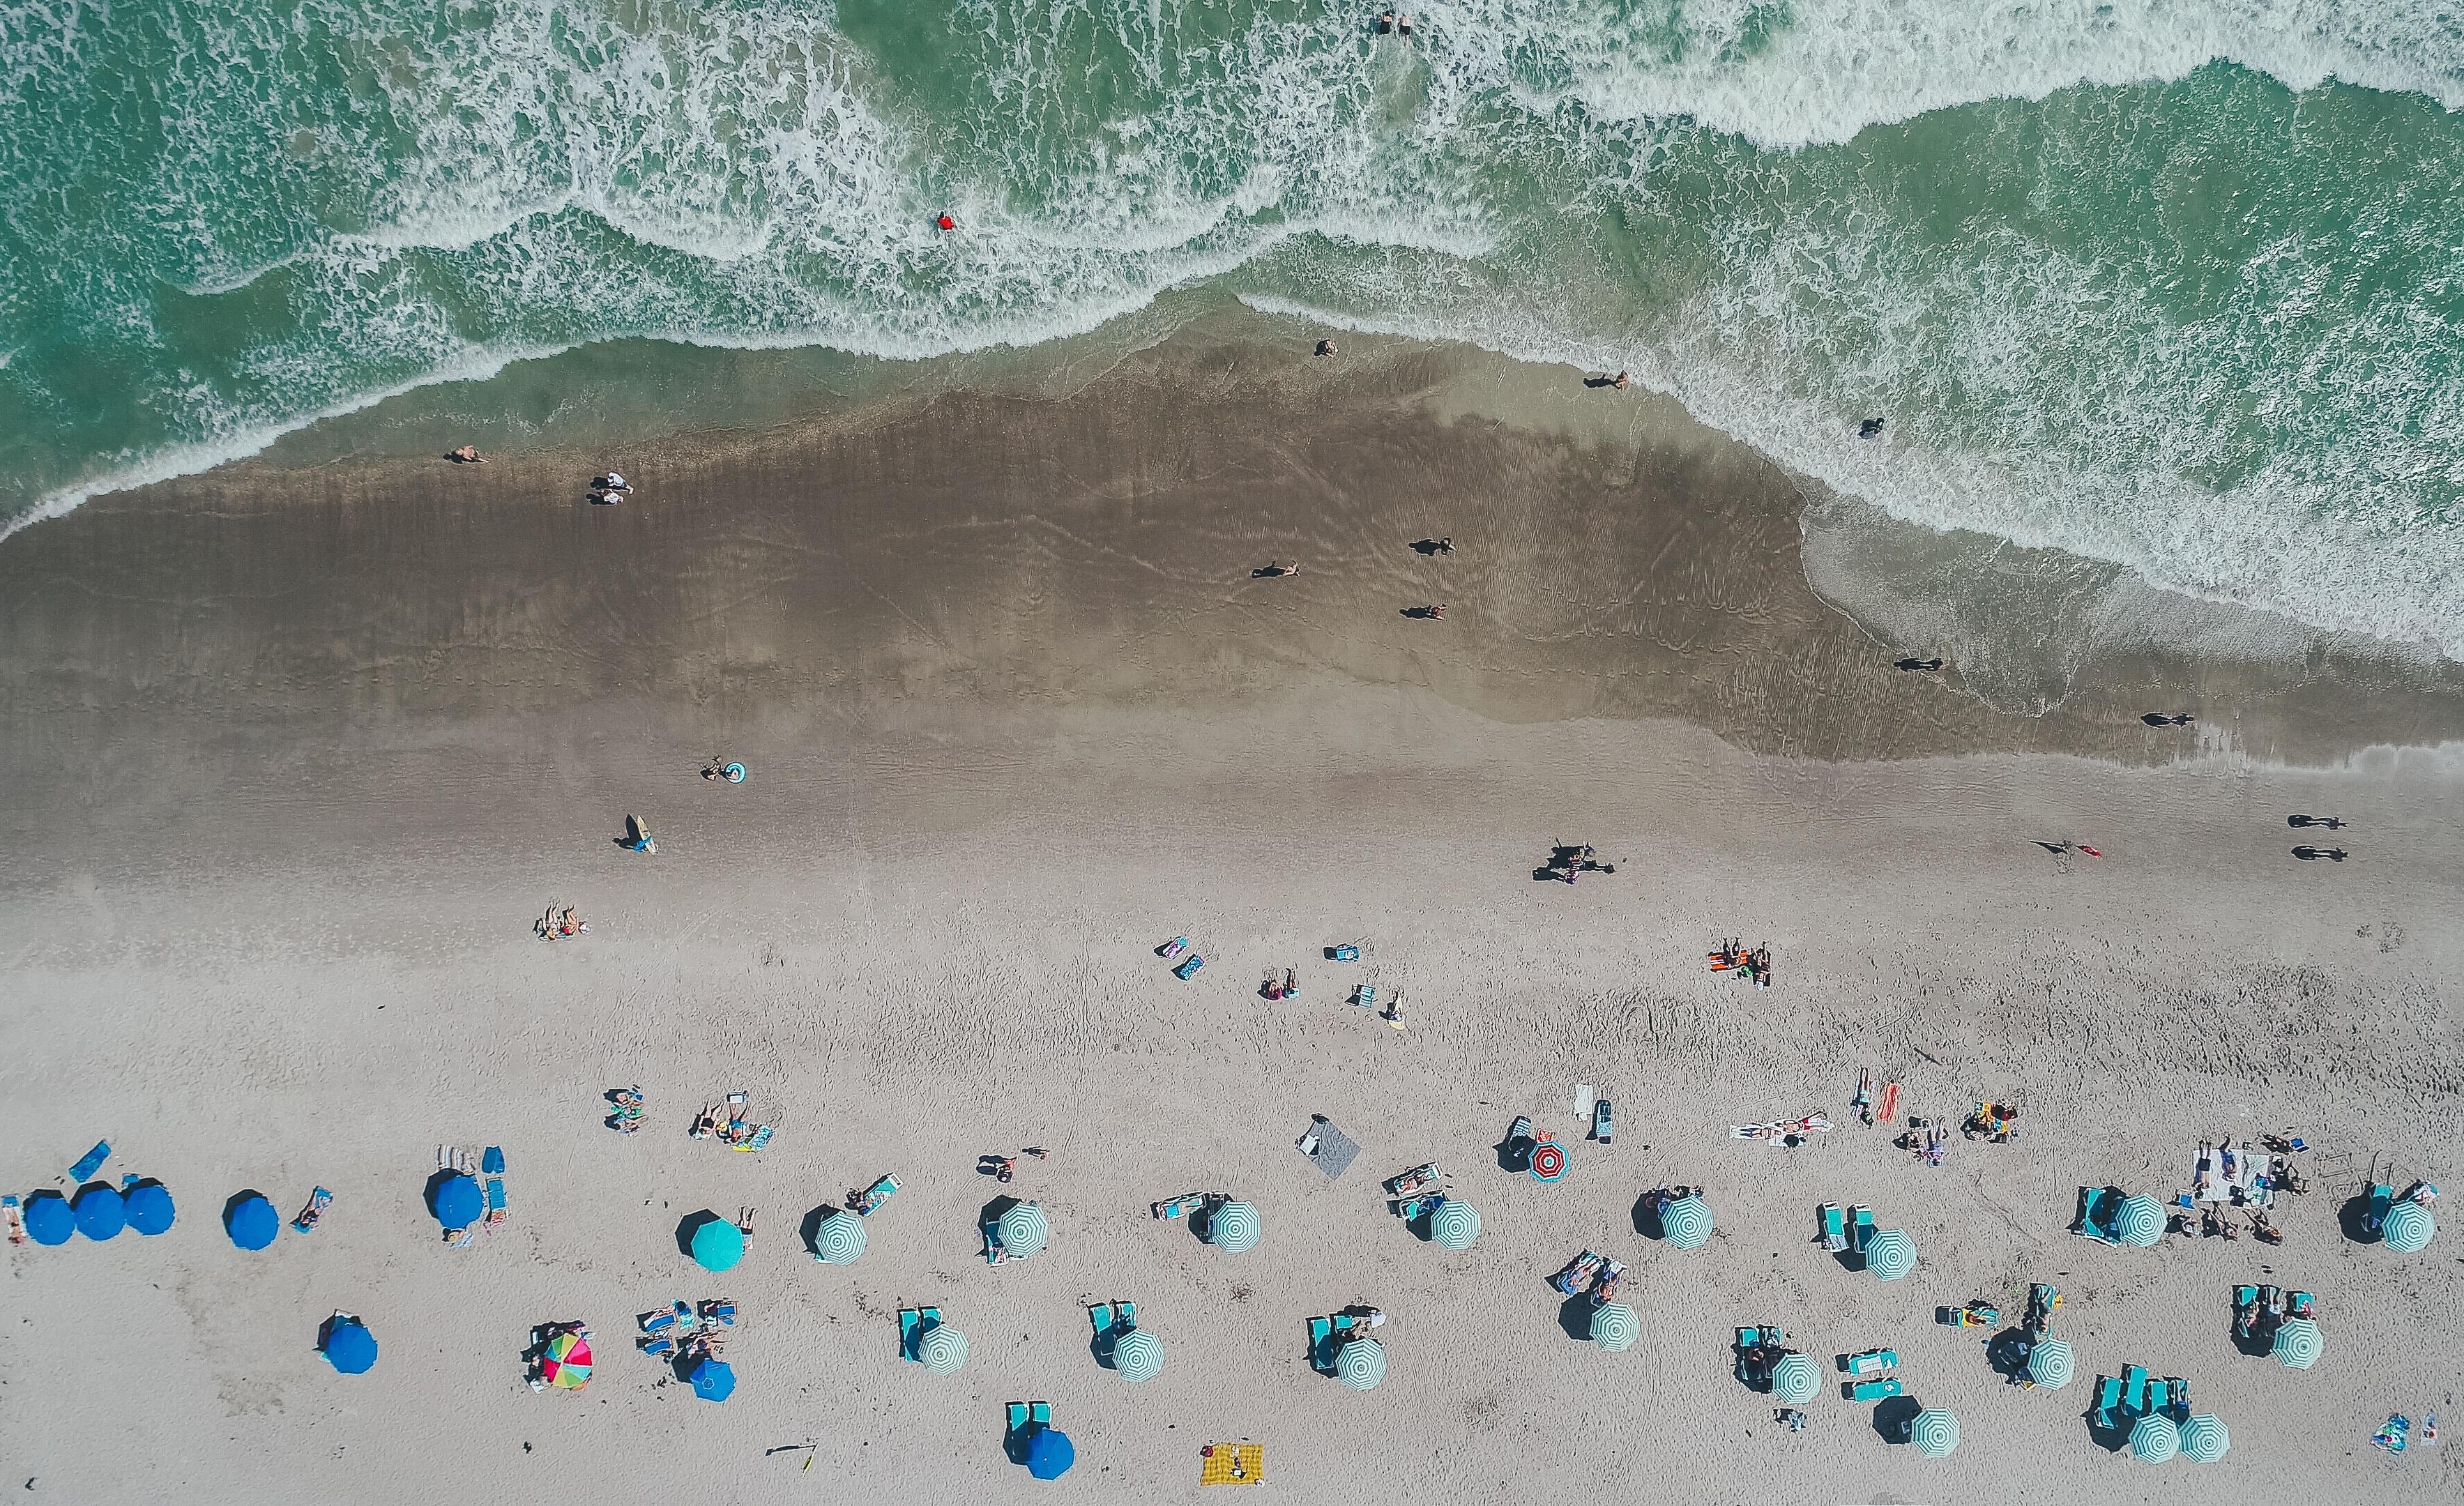 Cocoa Beach in Florida is een bezoek waard